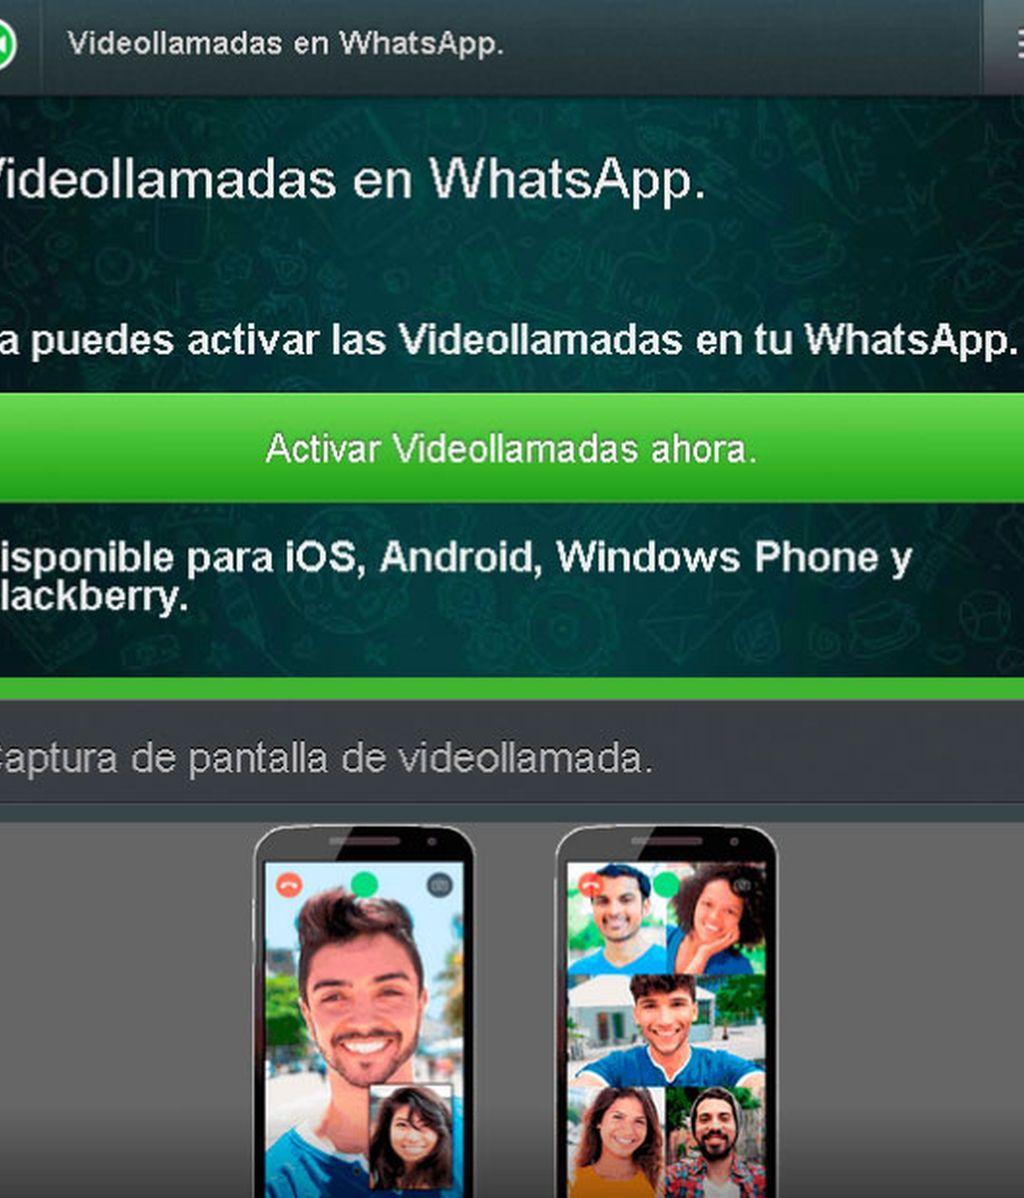 servicio de videollamadas WhatsApp, WhatsApp